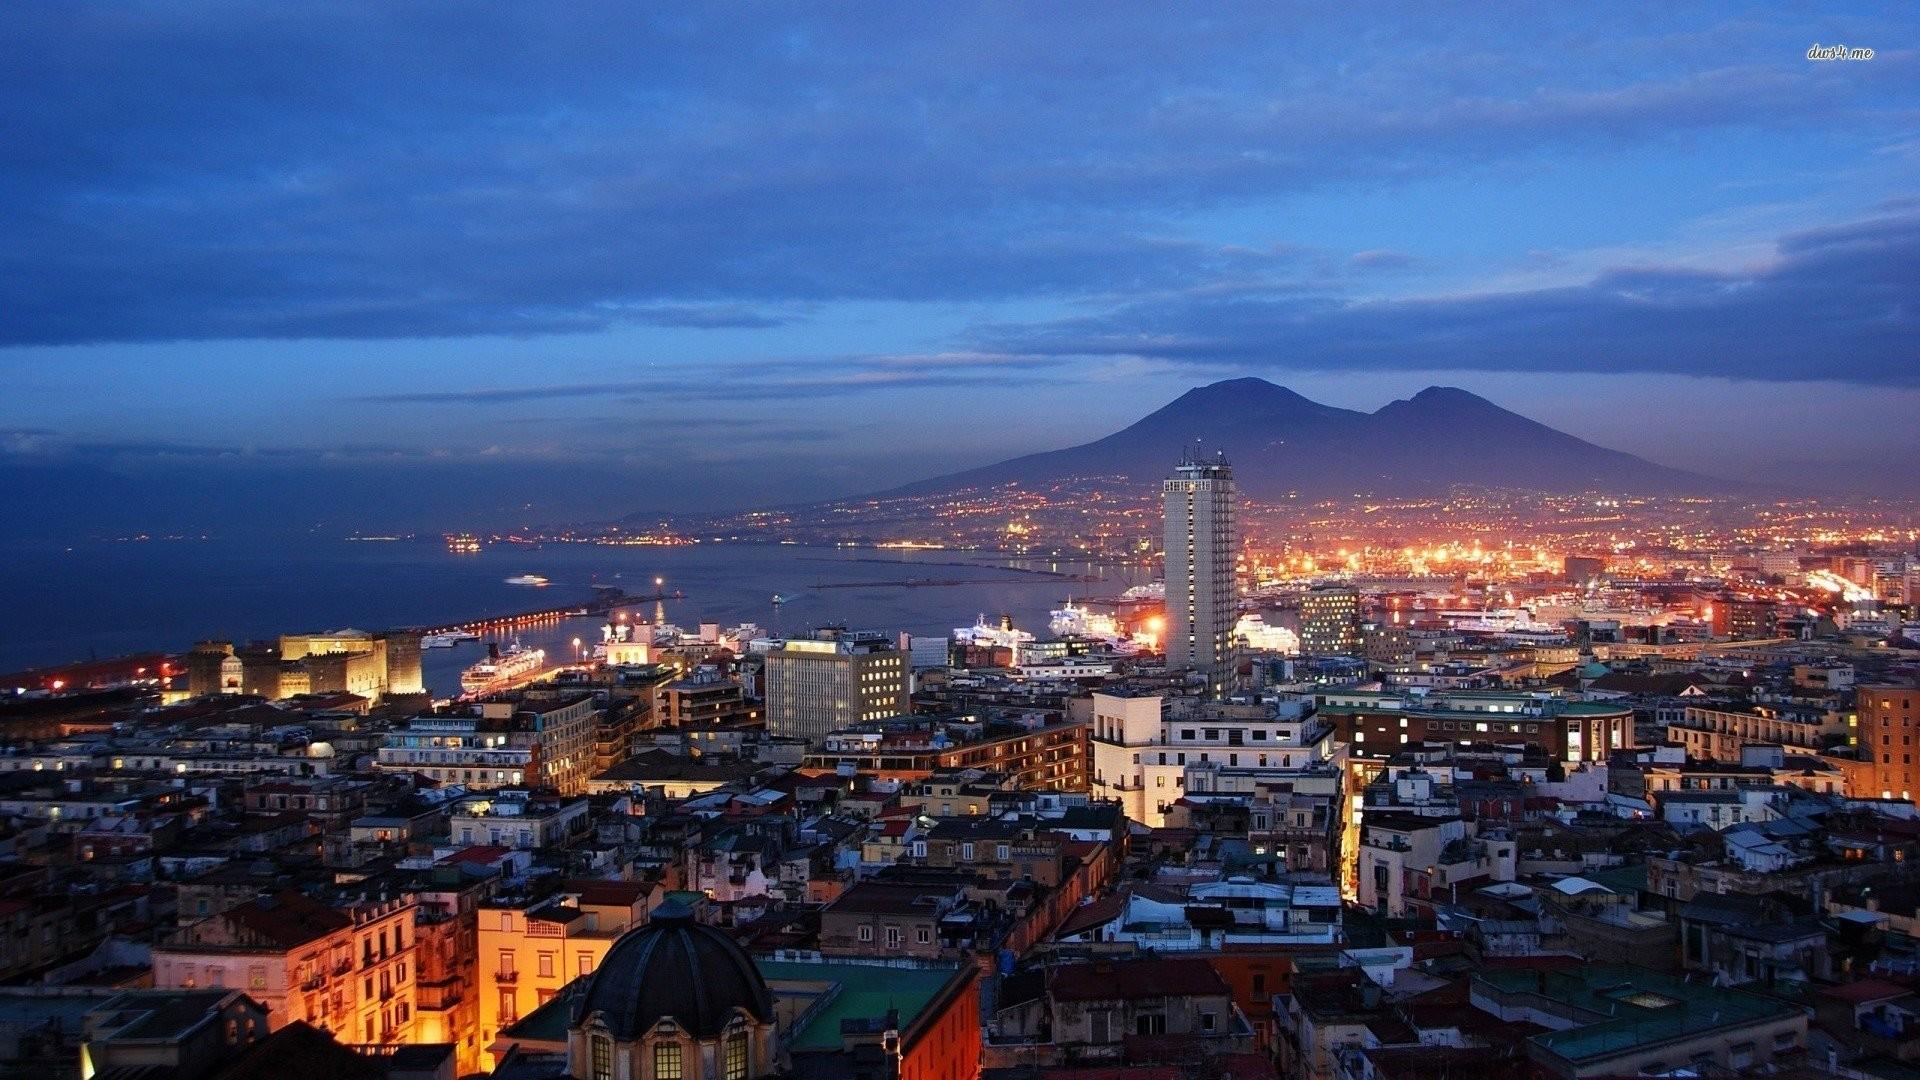 Napoli wallpaper 64 immagini for Foto full hd per desktop